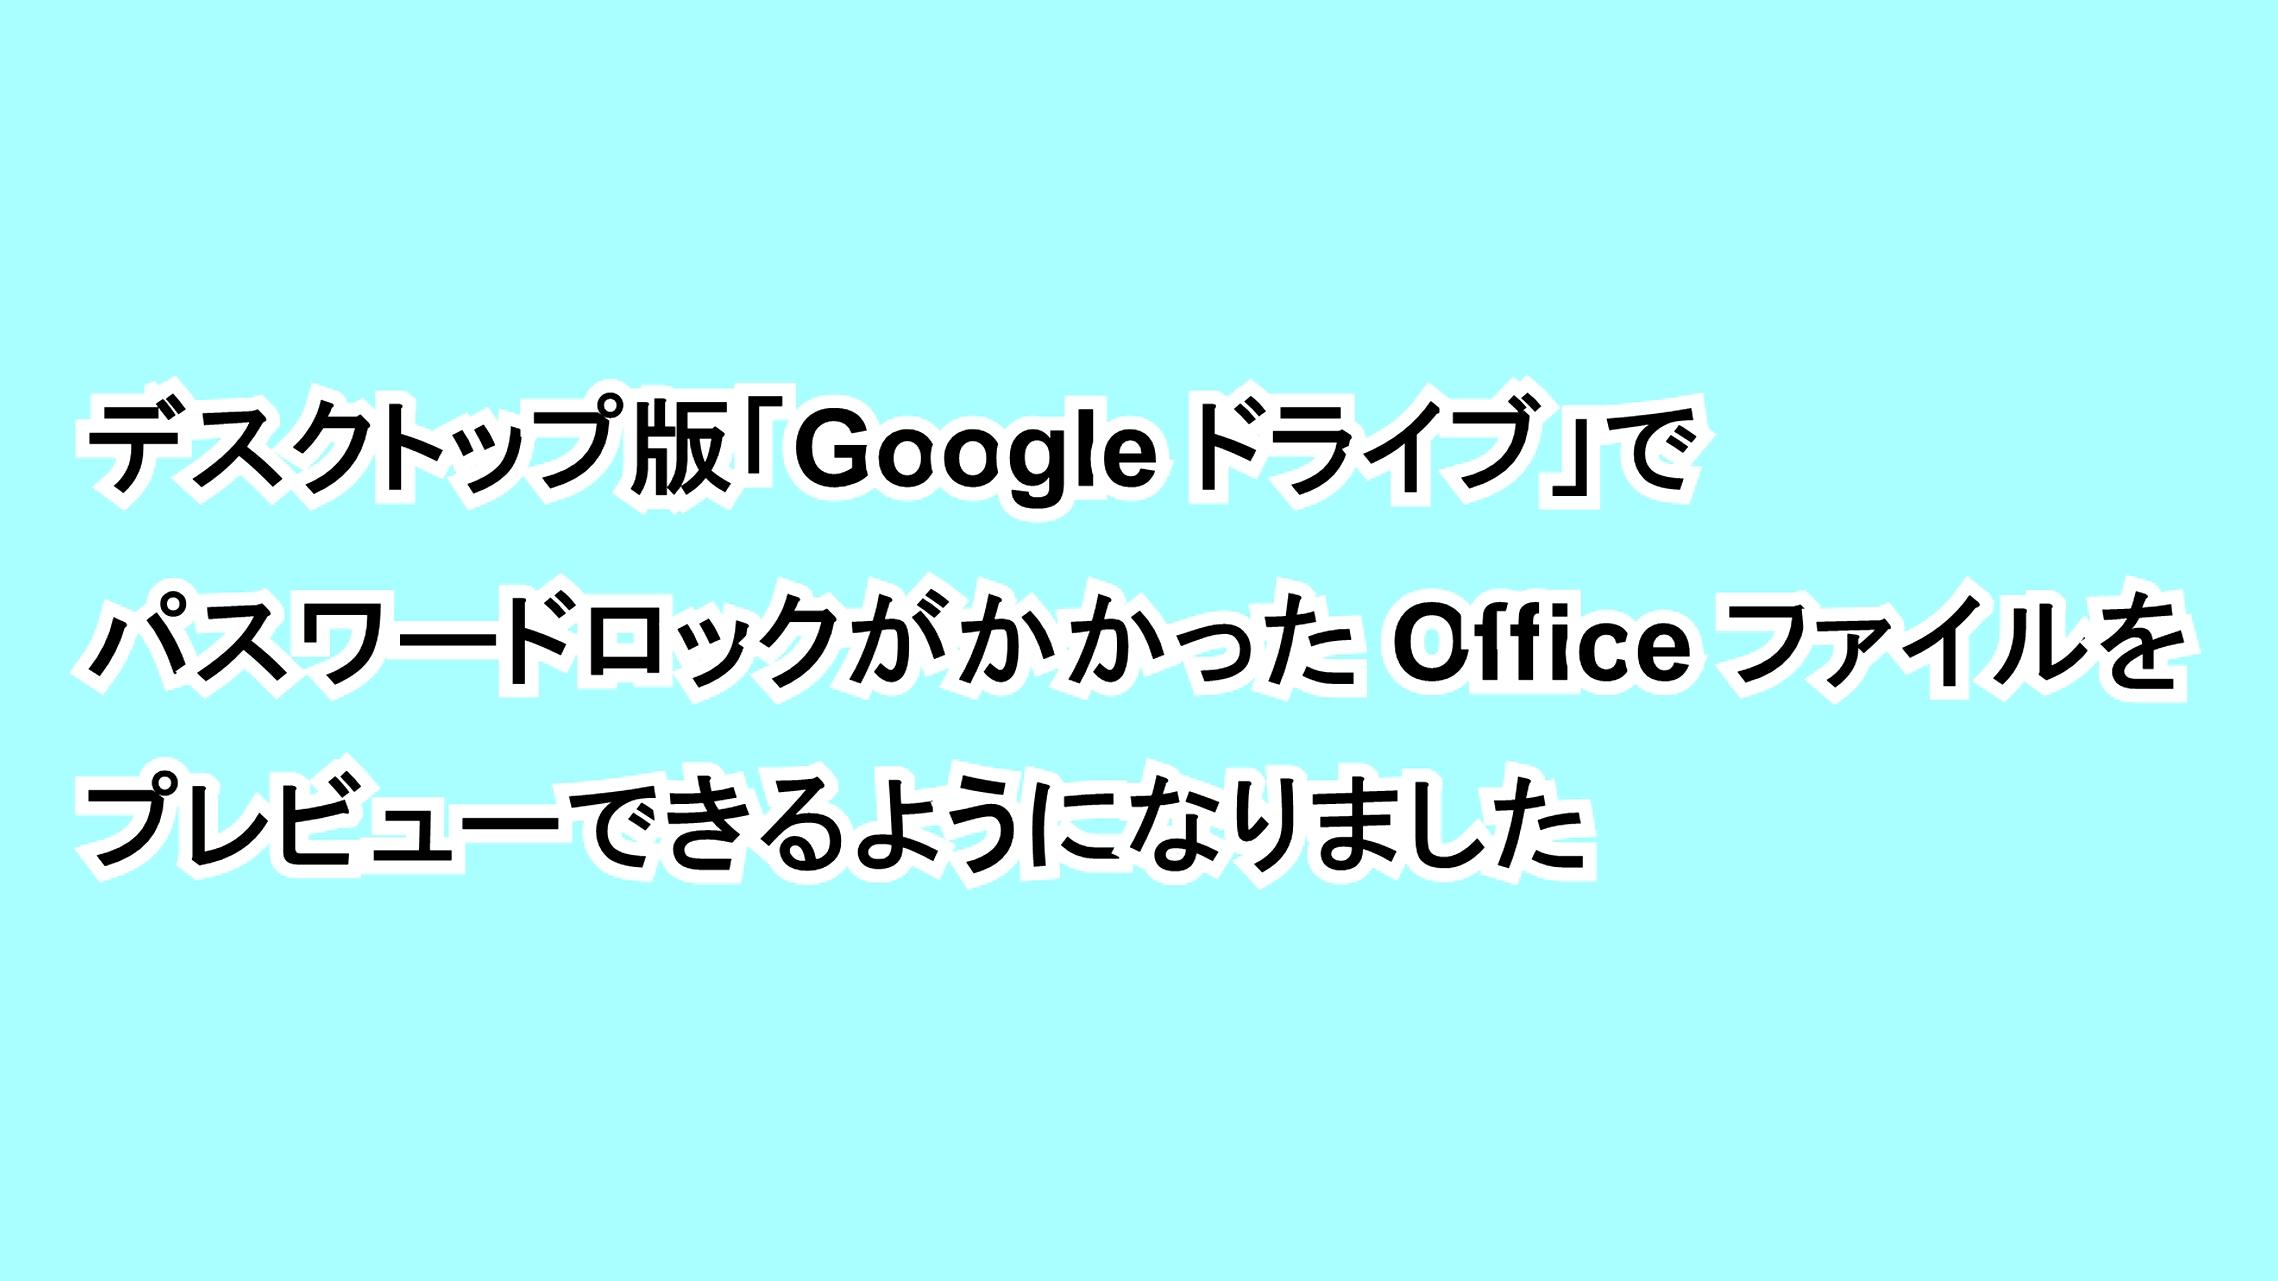 デスクトップ版「Google ドライブ」でパスワードロックがかかったOfficeファイルをプレビューできるようになりました